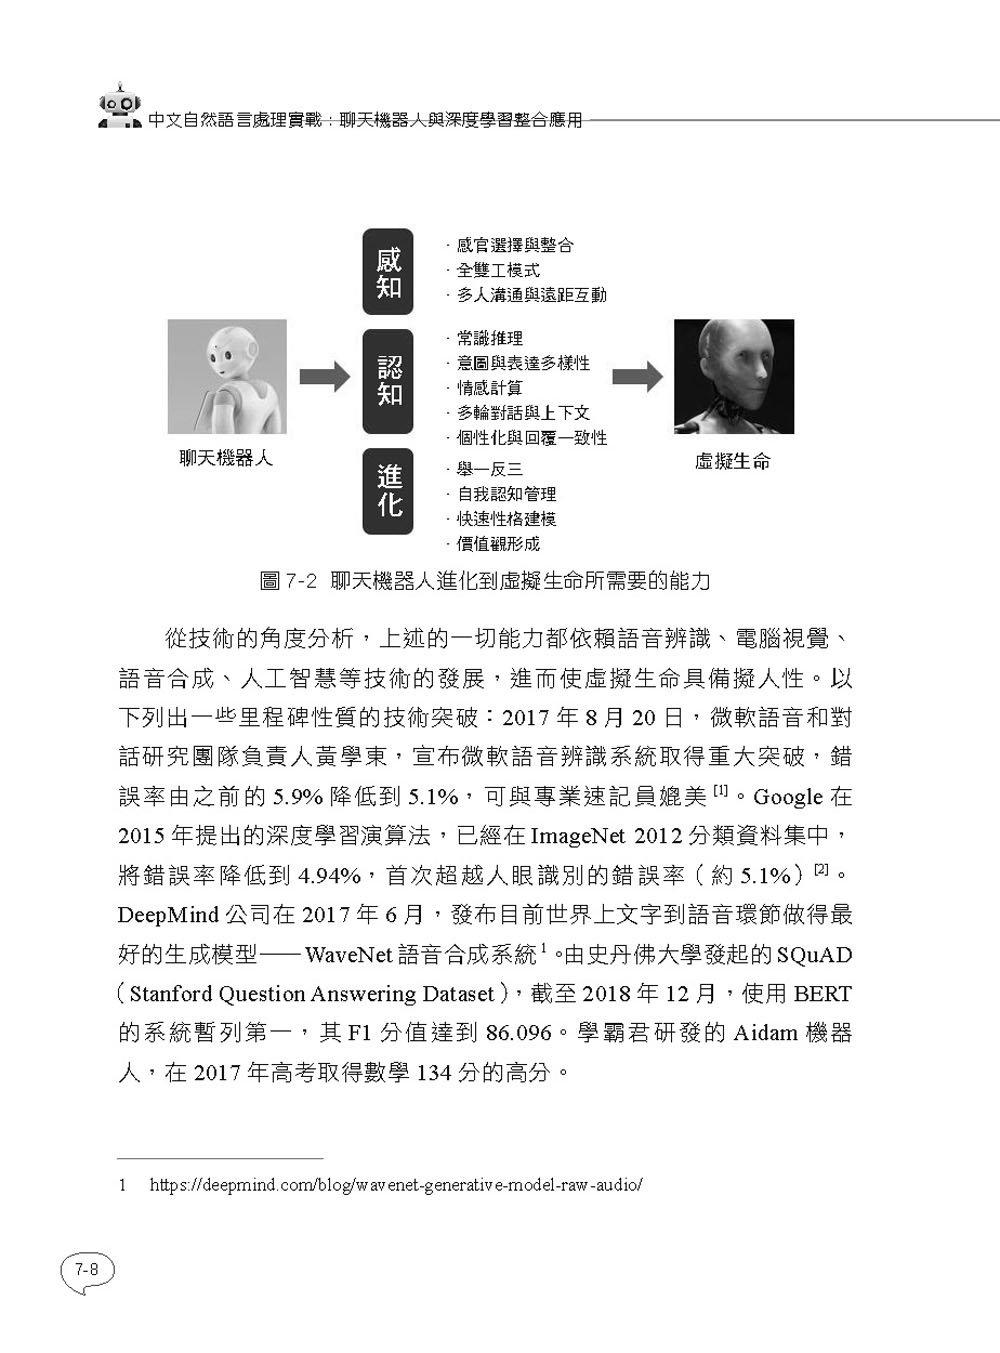 中文自然語言處理實戰:聊天機器人與深度學習整合應用-preview-18